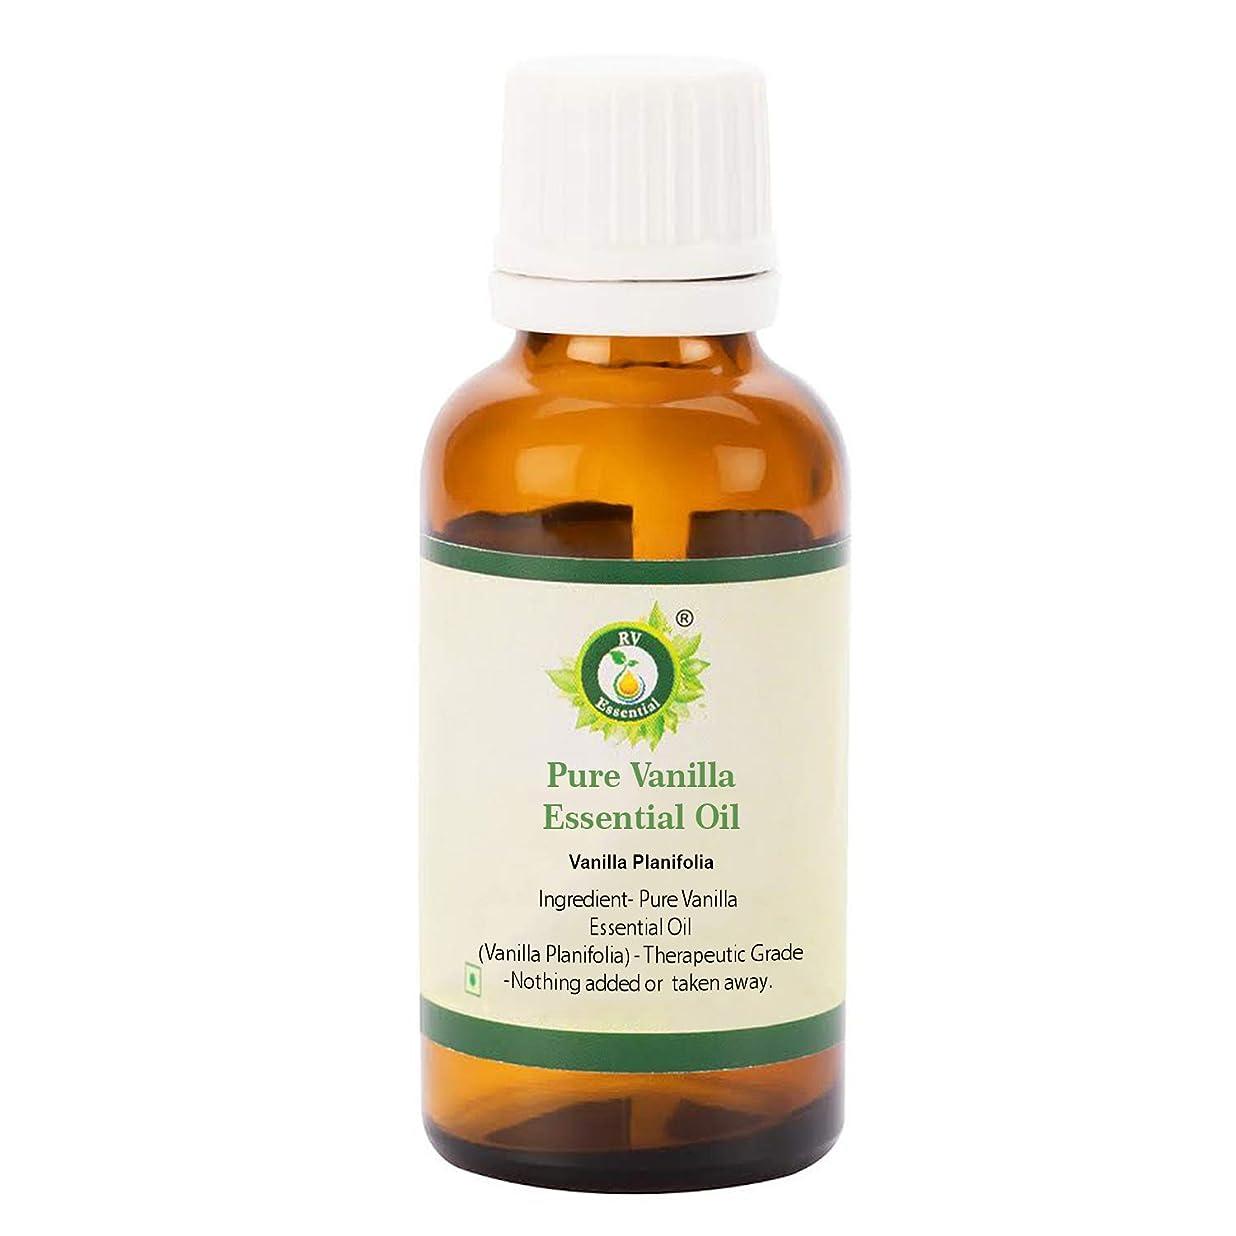 マインドフル調停する背骨R V Essential ピュアバニラエッセンシャルオイル15ml (0.507oz)- Vanilla Planifolia (100%純粋&天然) Pure Vanilla Essential Oil